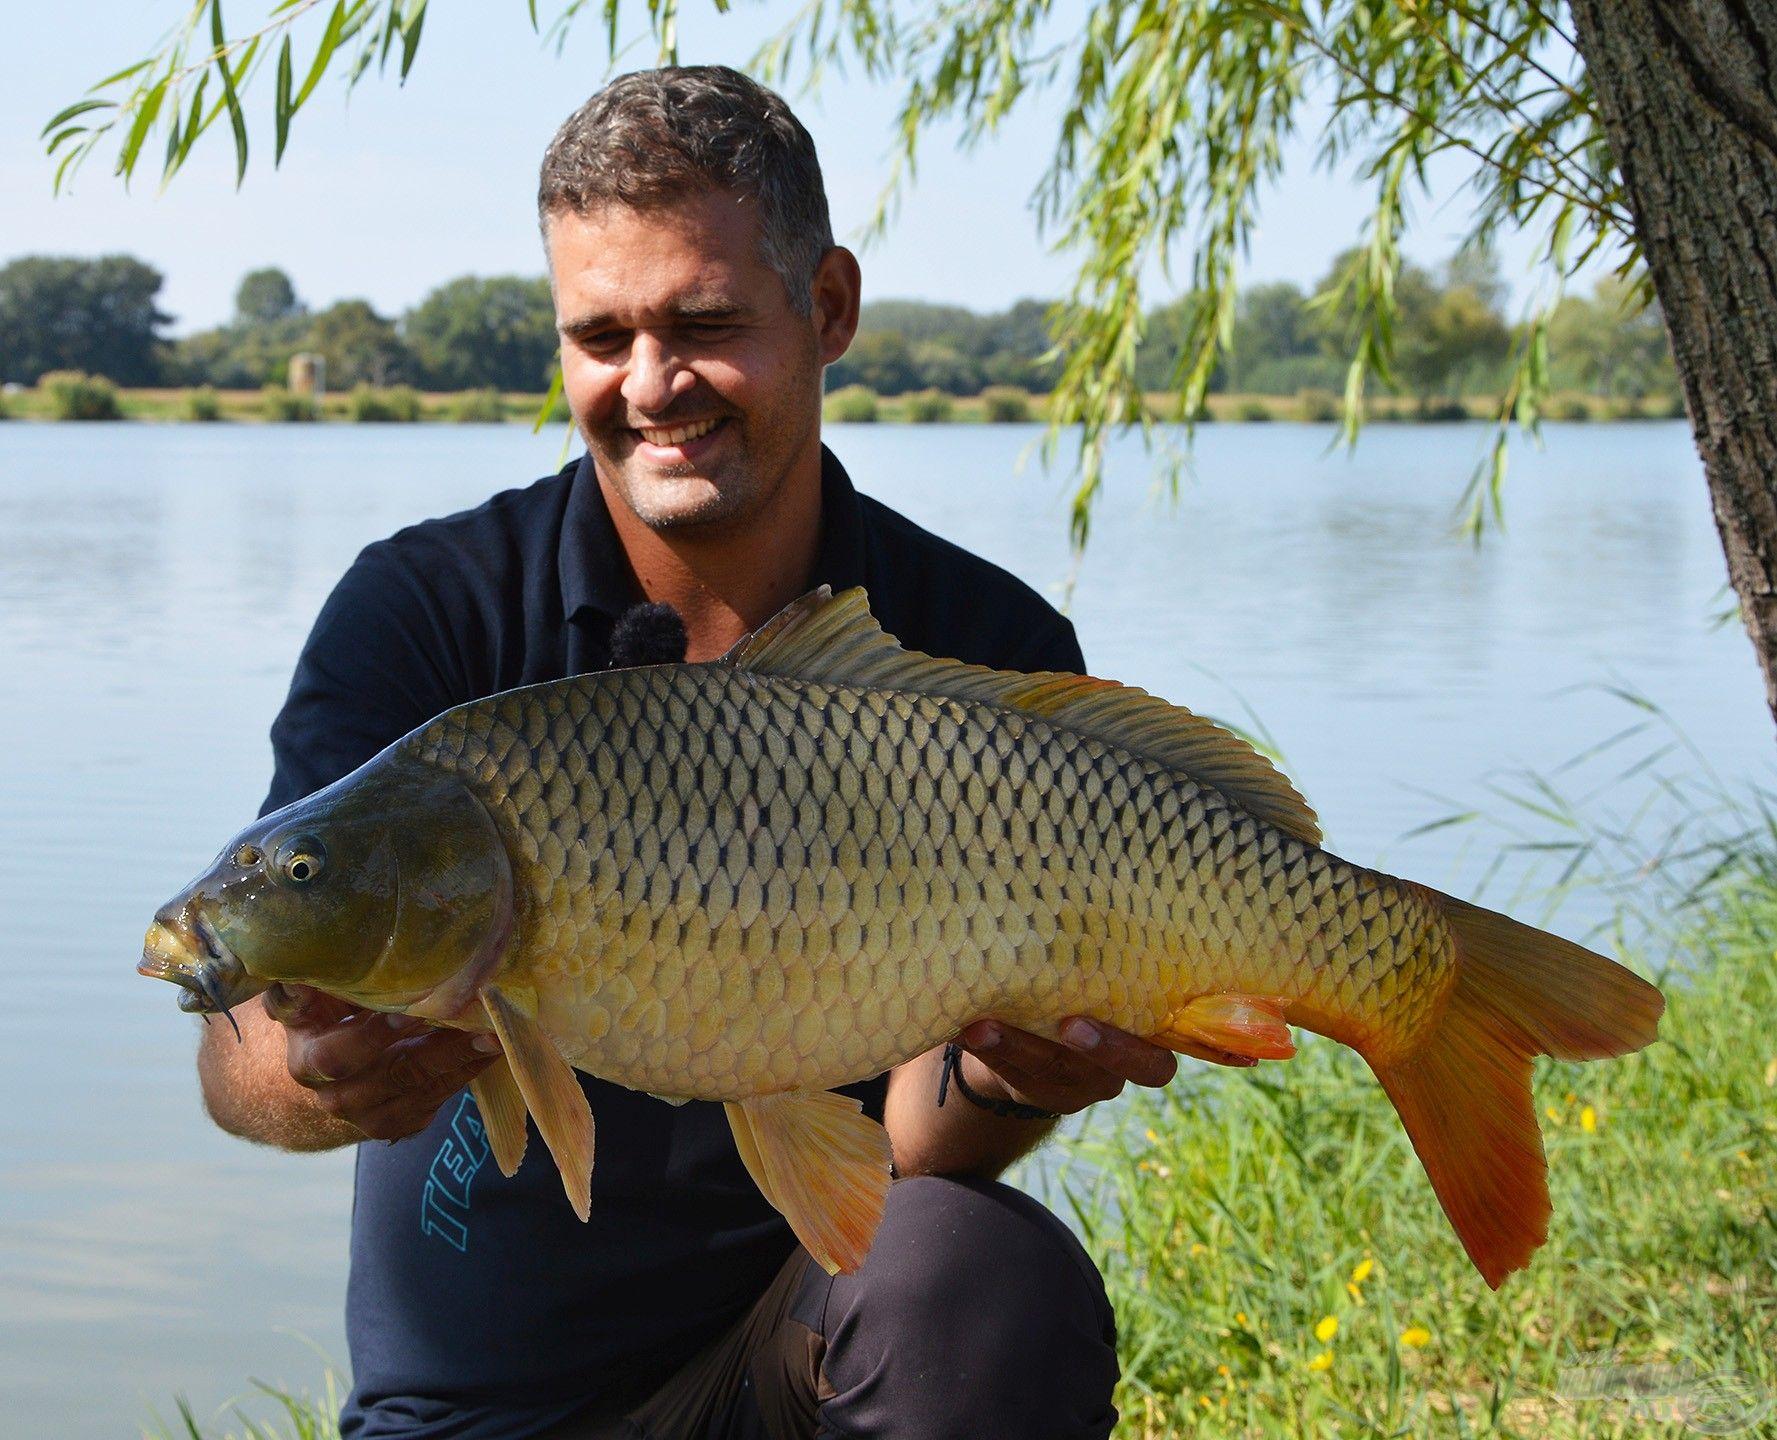 Amennyiben zavar minket a halas fotón, hogy kicsit kék a hal szája, akkor a fotókat mindenképp szájfertőtlenítés előtt készítsük el!